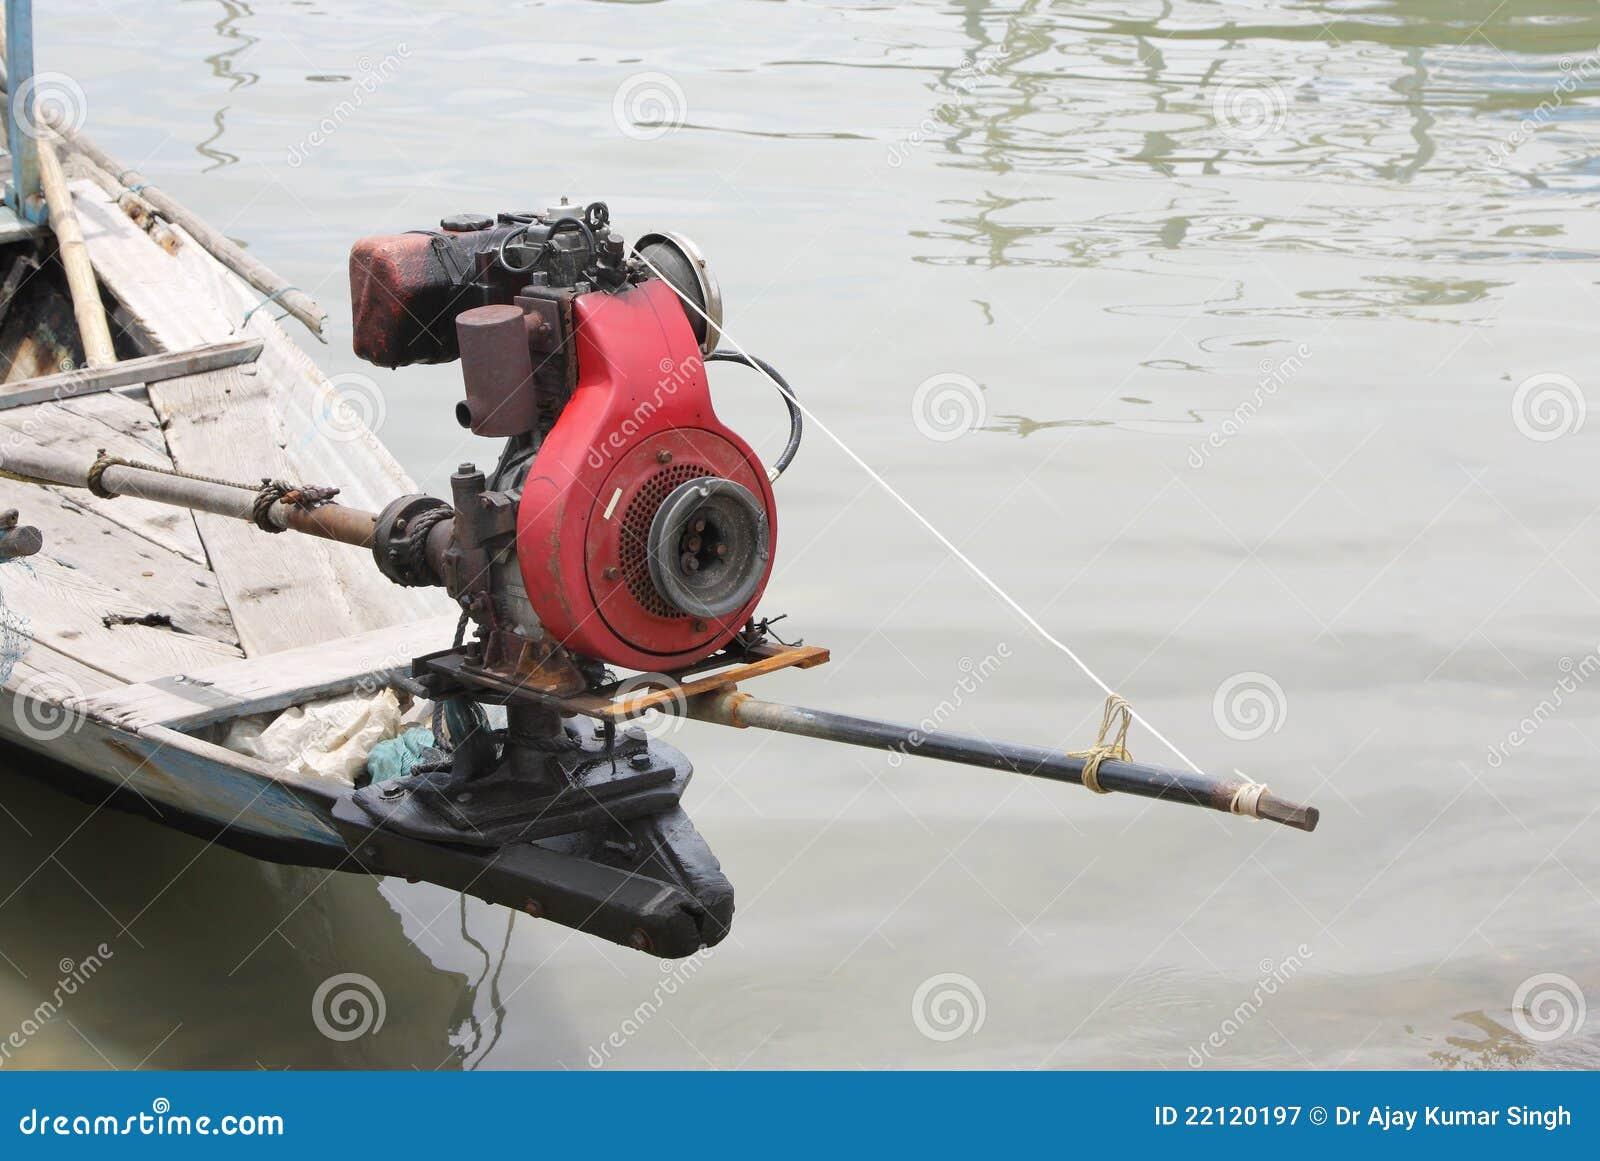 Plan rapproch de moteur dans un bateau de p che for Dans un petit bateau